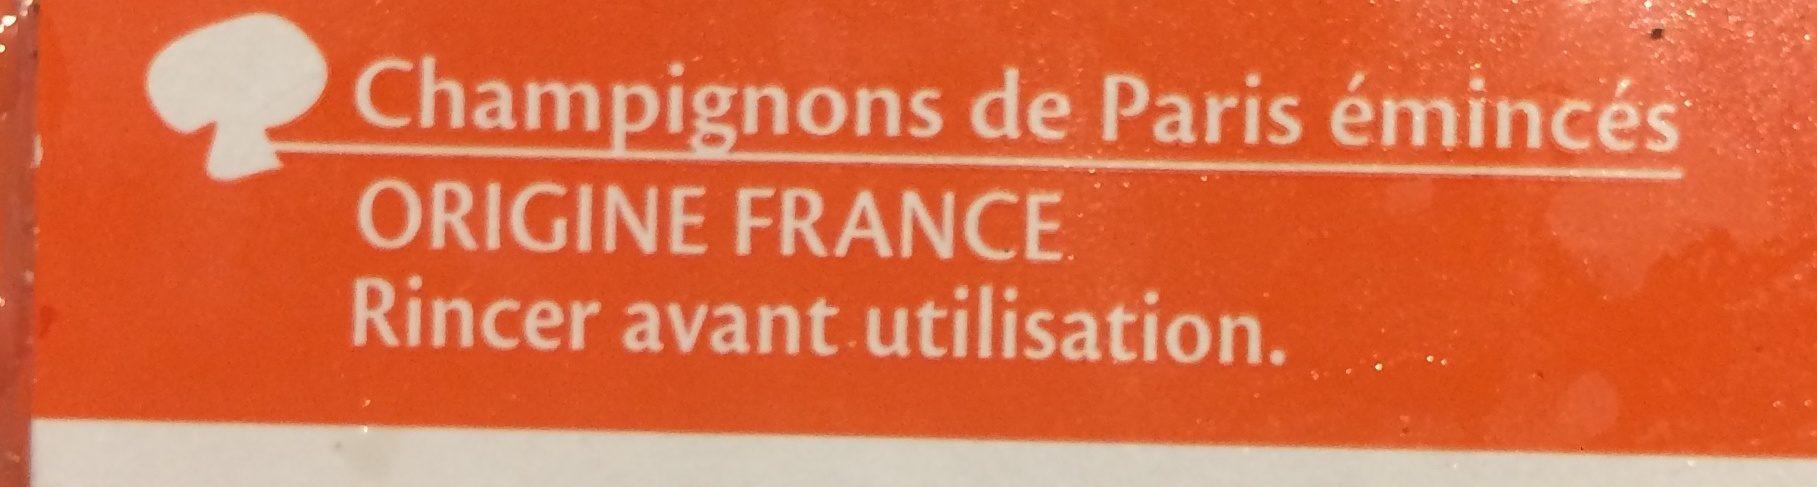 Champignons De Paris Emincés - Ingredients